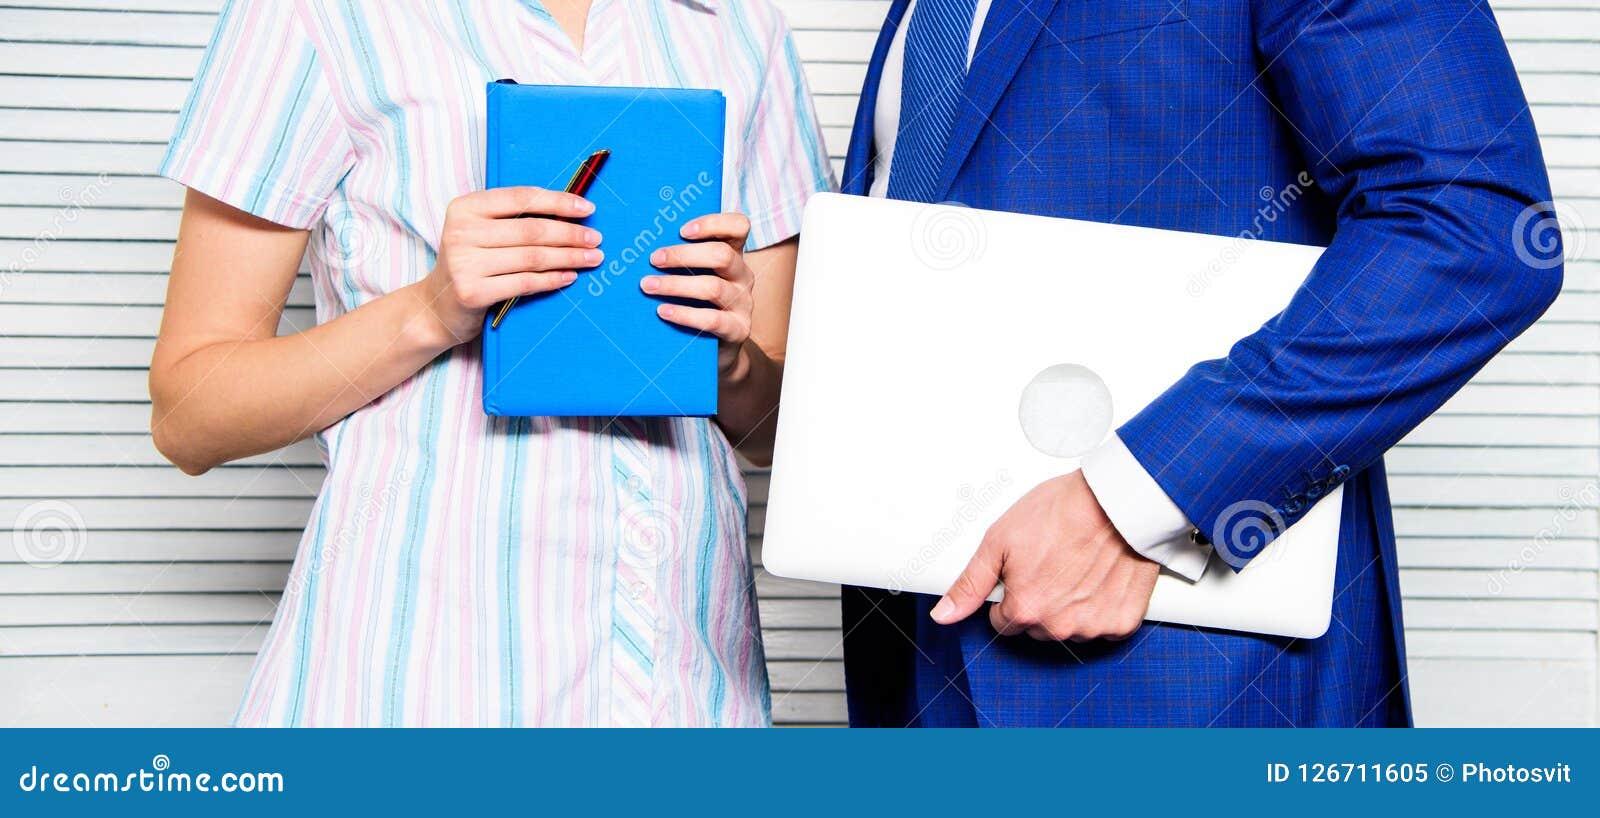 Del ordenador portátil libreta en lugar de otro con la pluma Anticuado contra moderno Artilugio moderno de la tecnología a dispos